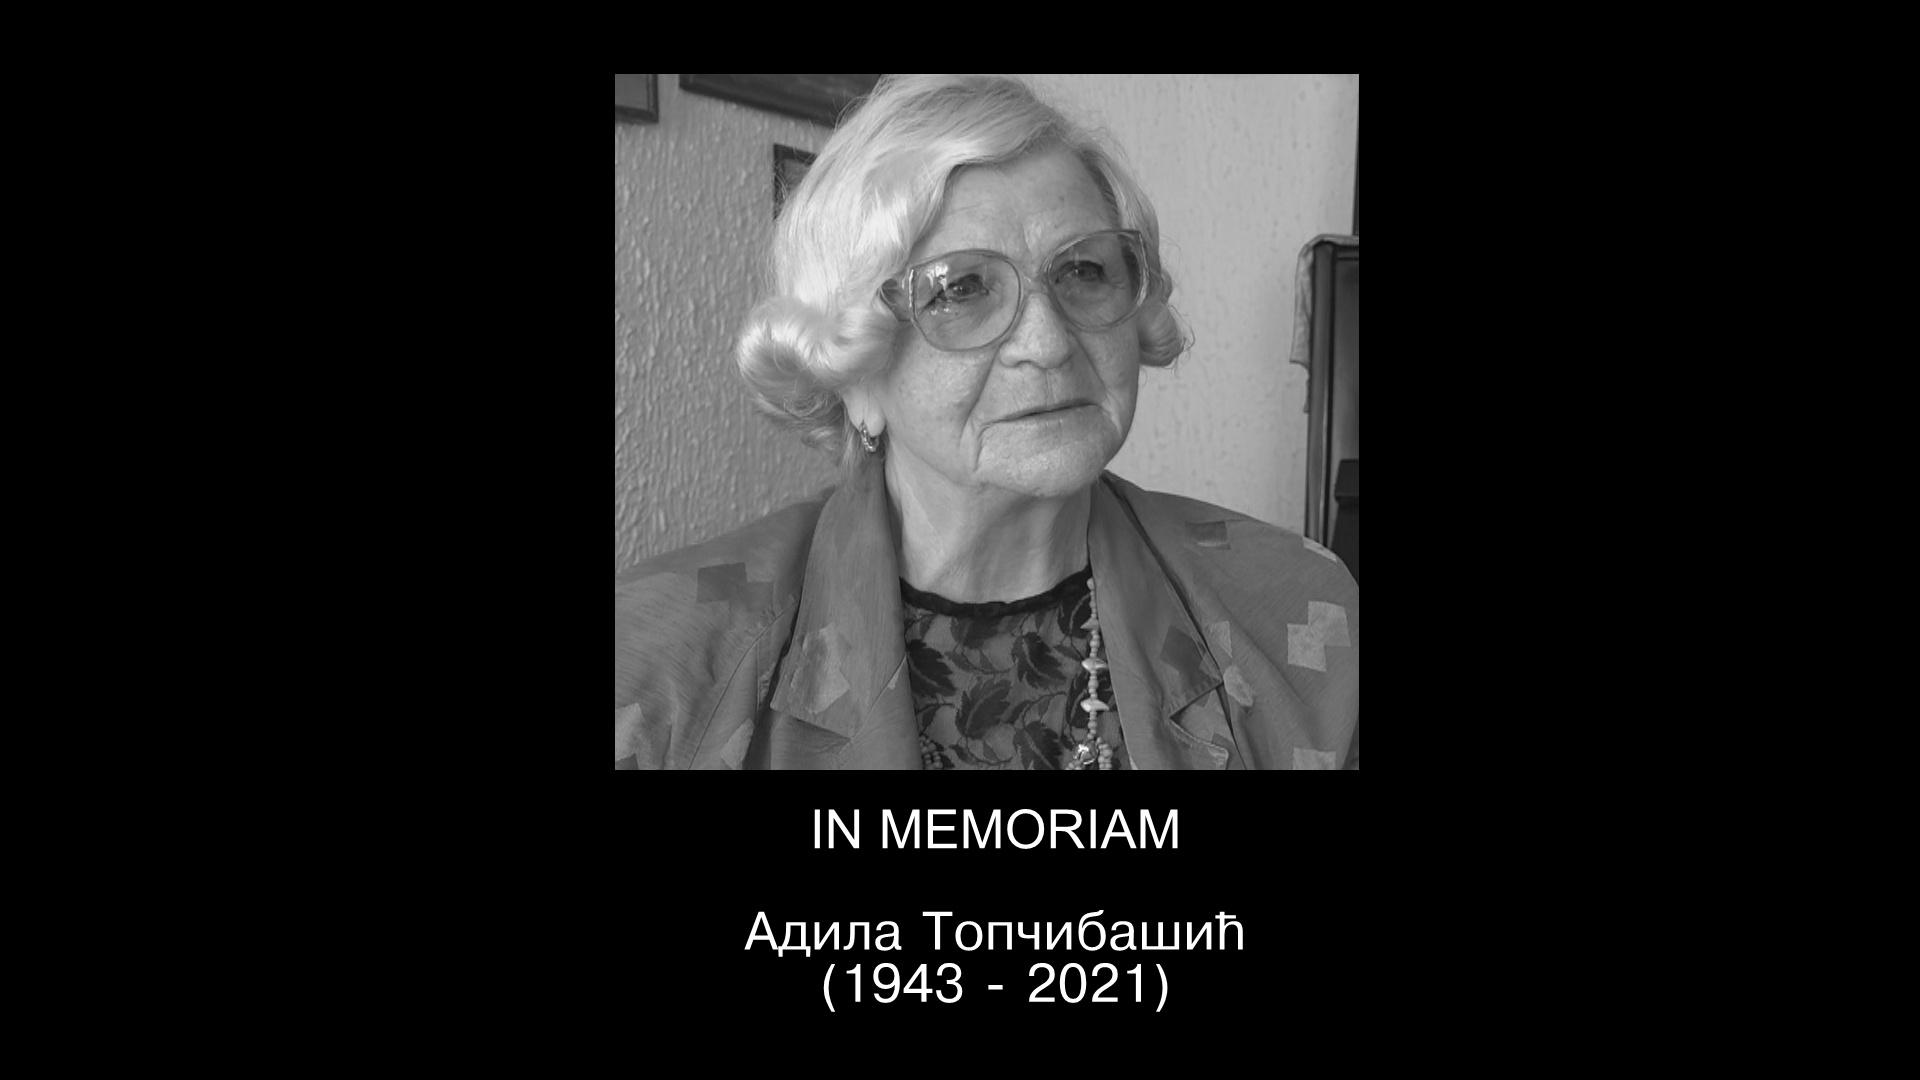 IN MEMORIAM: Адила Топчибашић (1943 – 2021)